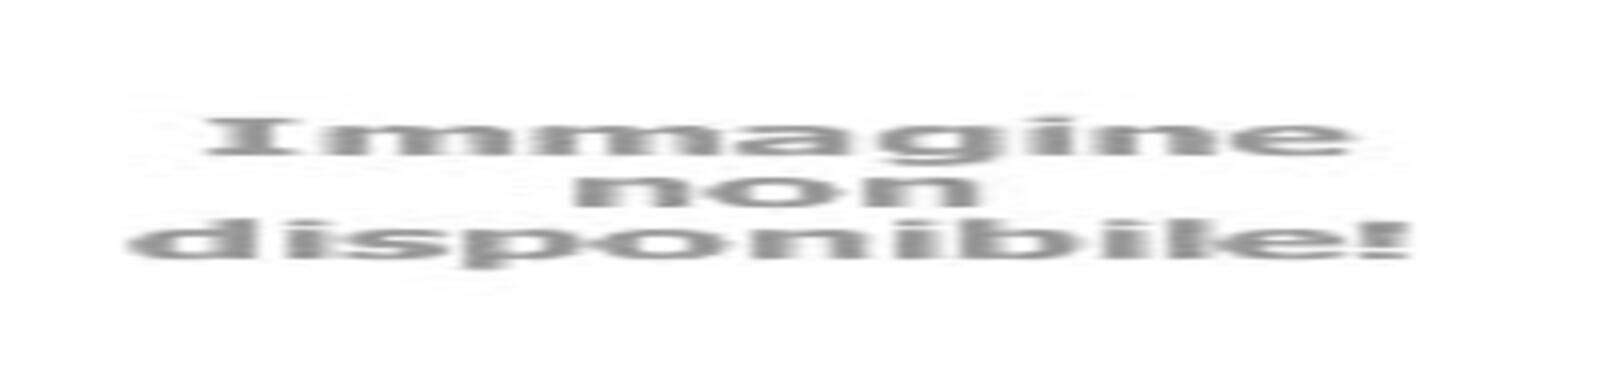 petronianaviaggi it ferragosto-in-umbria-spoleto-assisi-la-cascata-delle-marmore-le-grotte-di-frasassi-v429 002